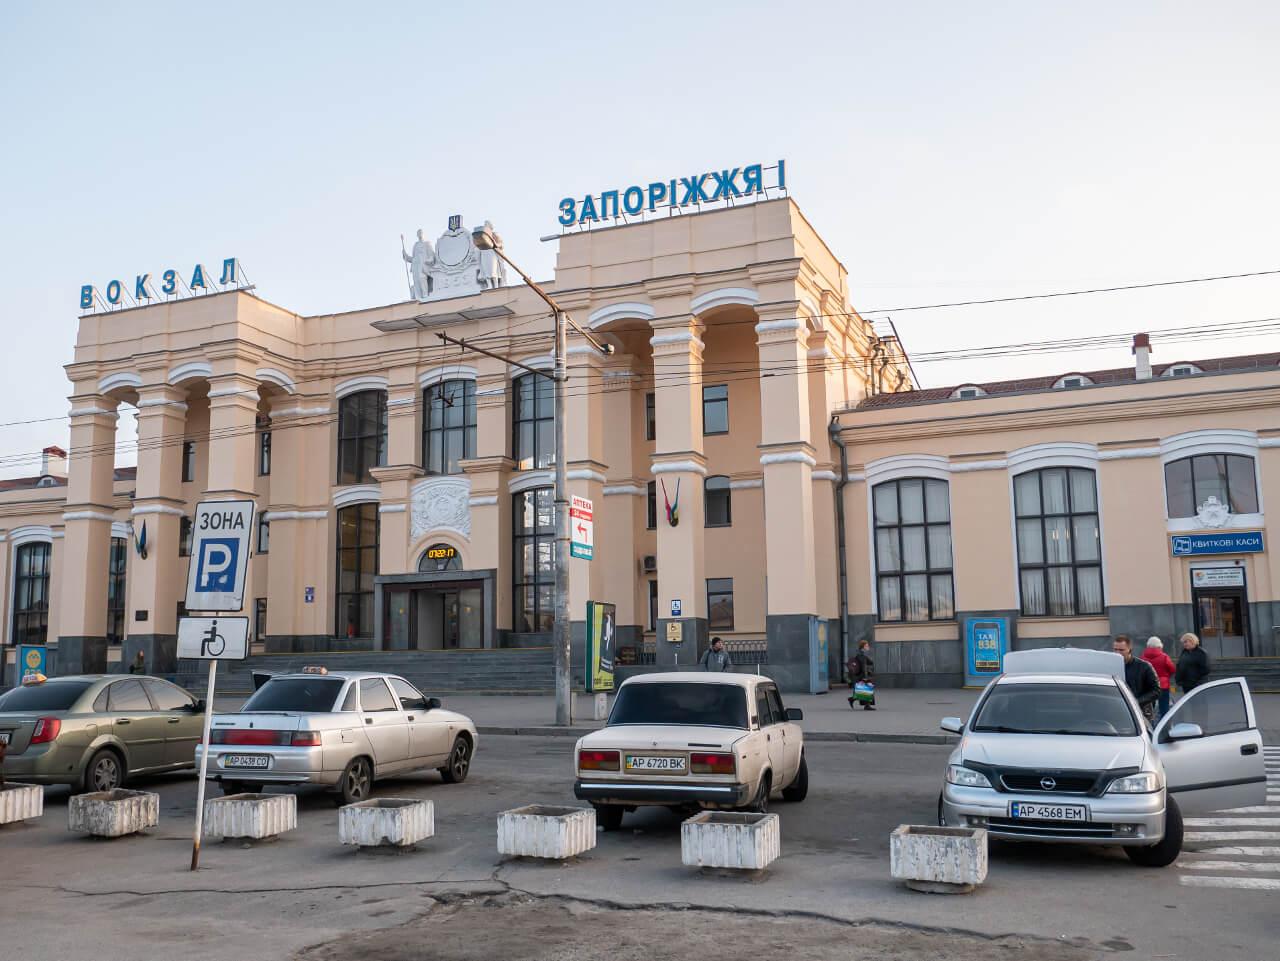 Stacja kolejowa Zaporoże I